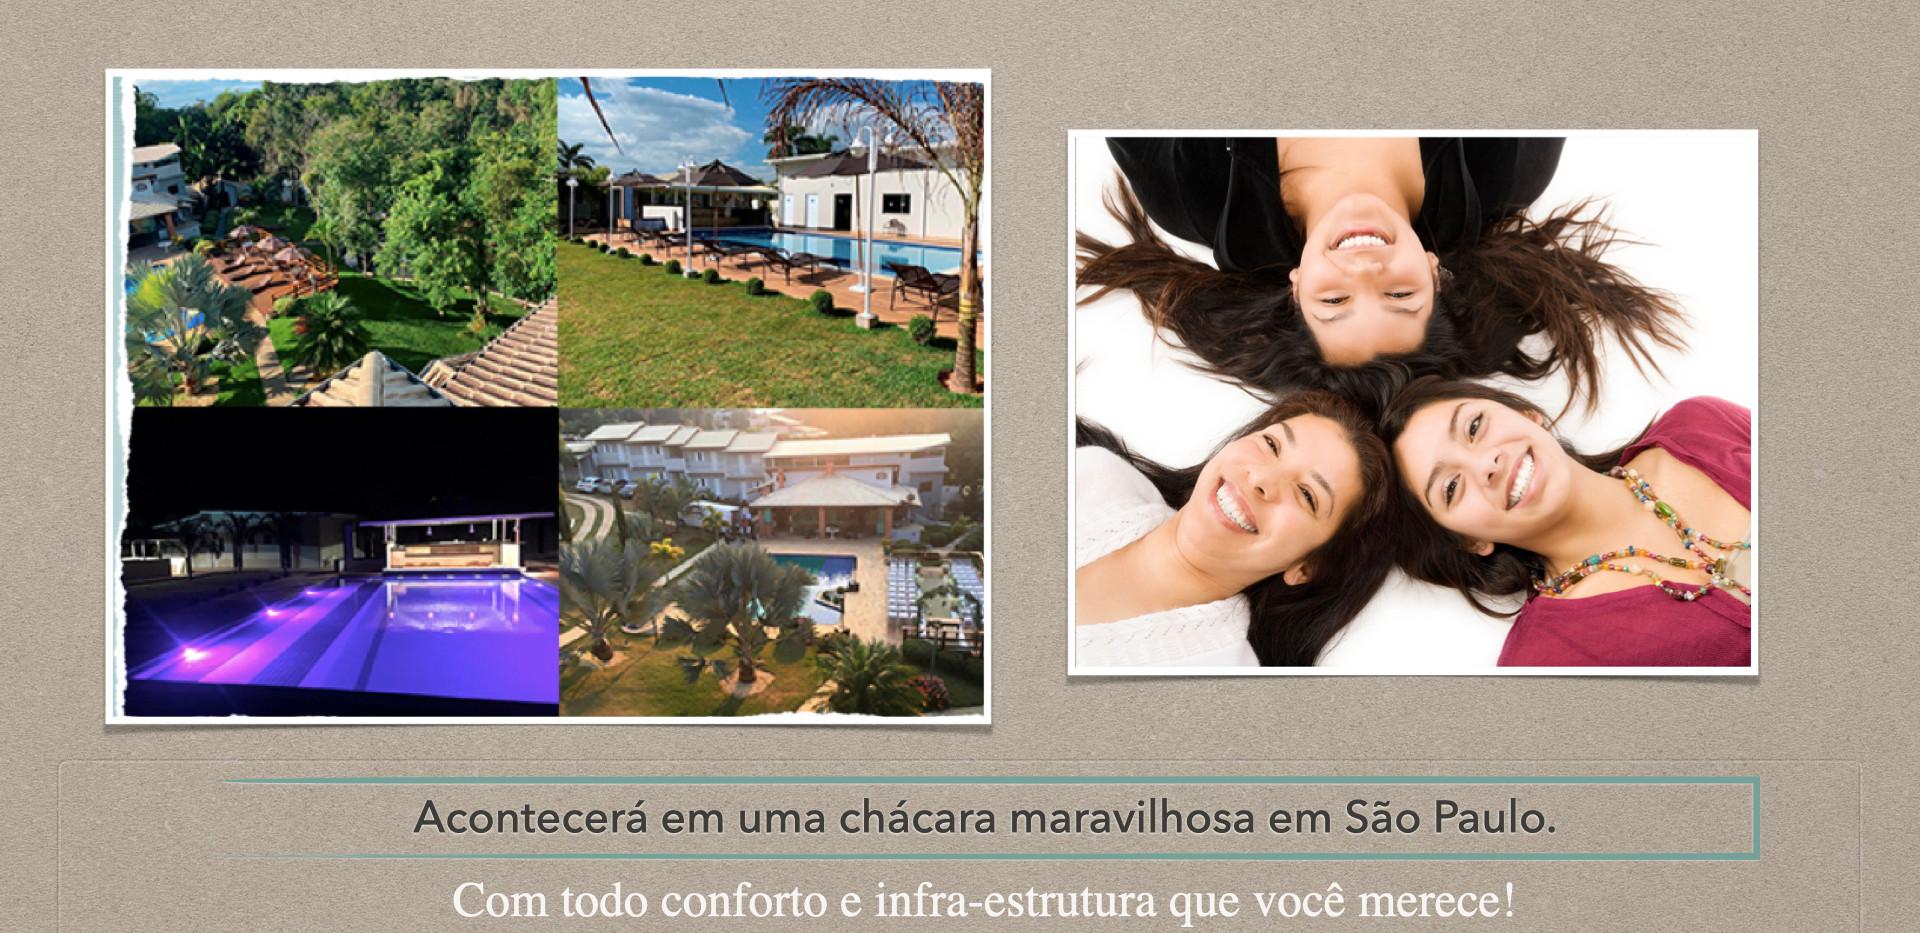 campus 2021 - informativo- imagens .002.